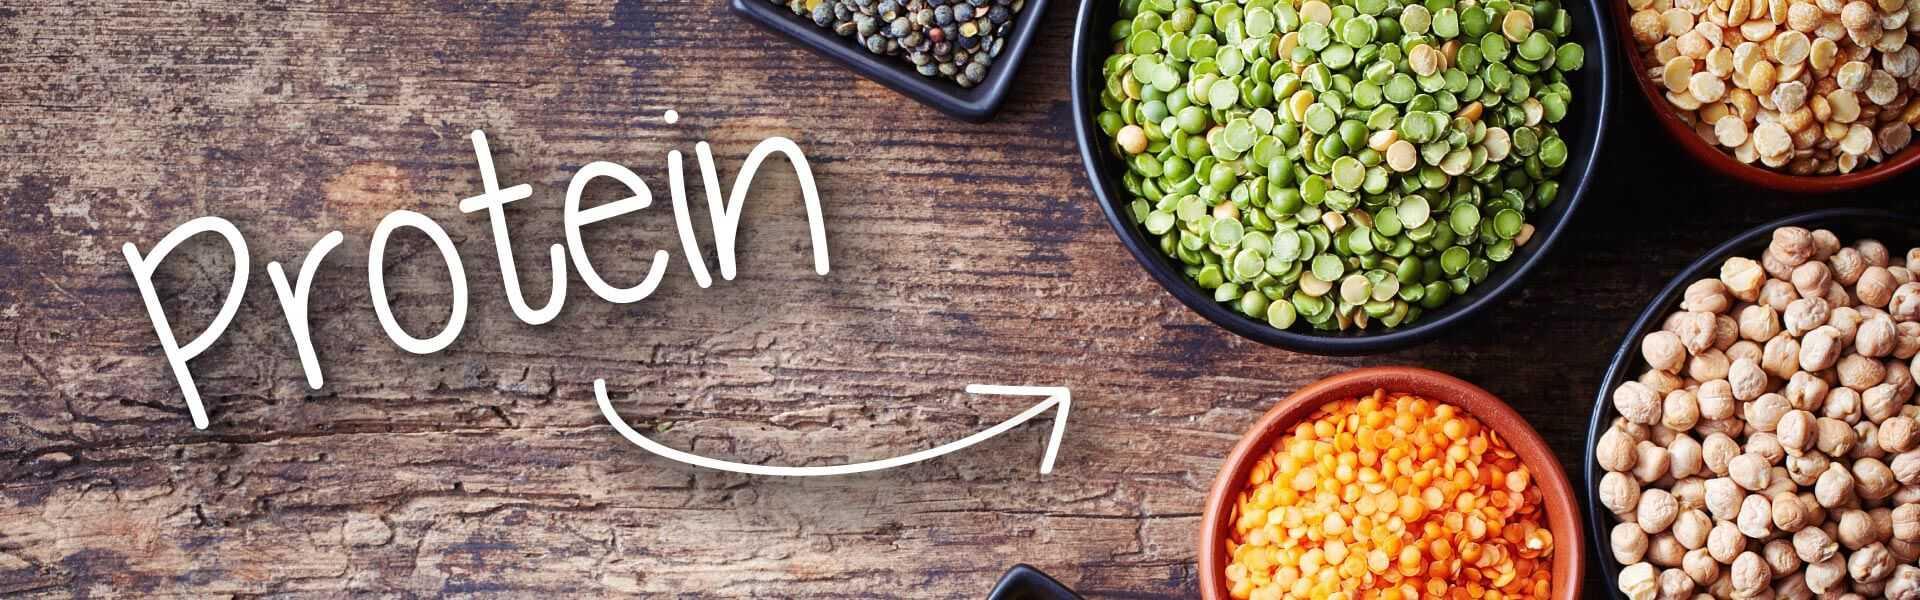 protéines végétales - alimentation saine